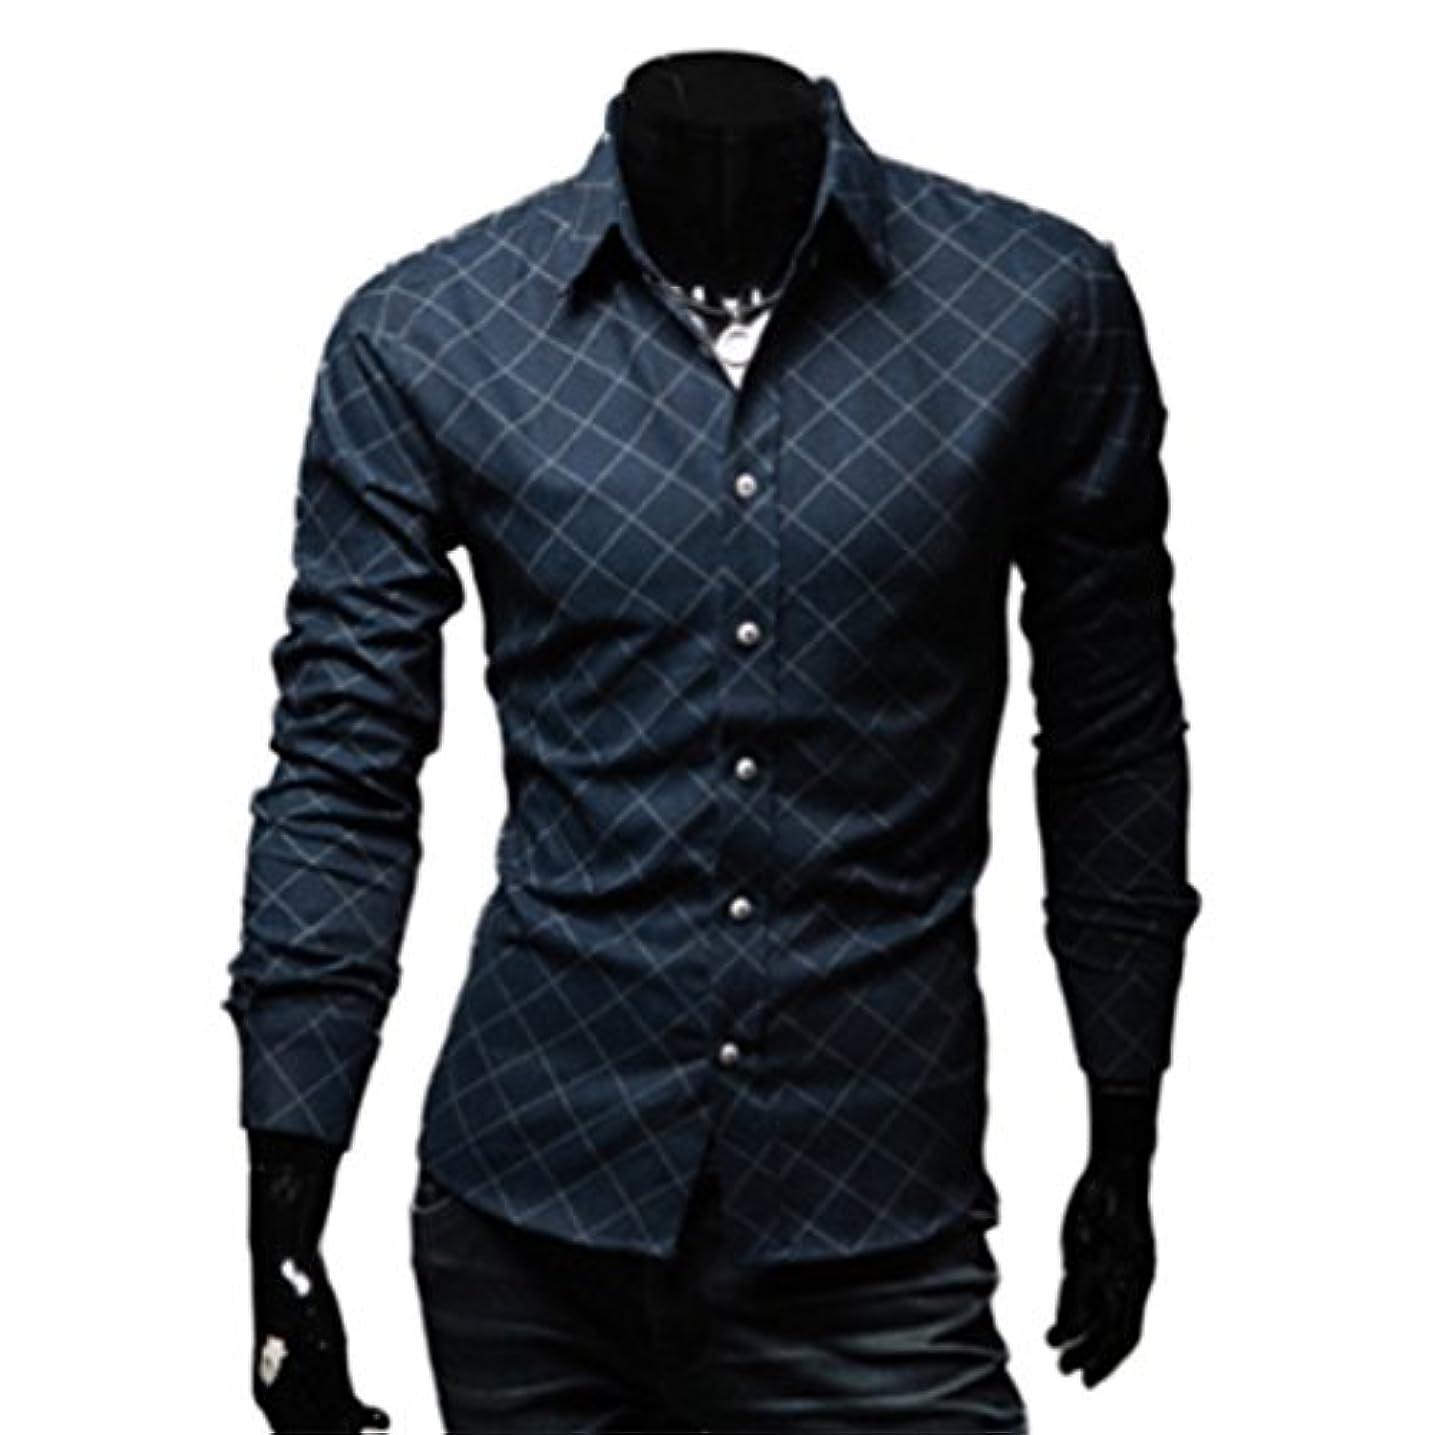 崇拝します手つかずの着服Honghu メンズ シャツ 長袖 チェック柄 カジュアル スリム  ネイビー 2XL 1PC